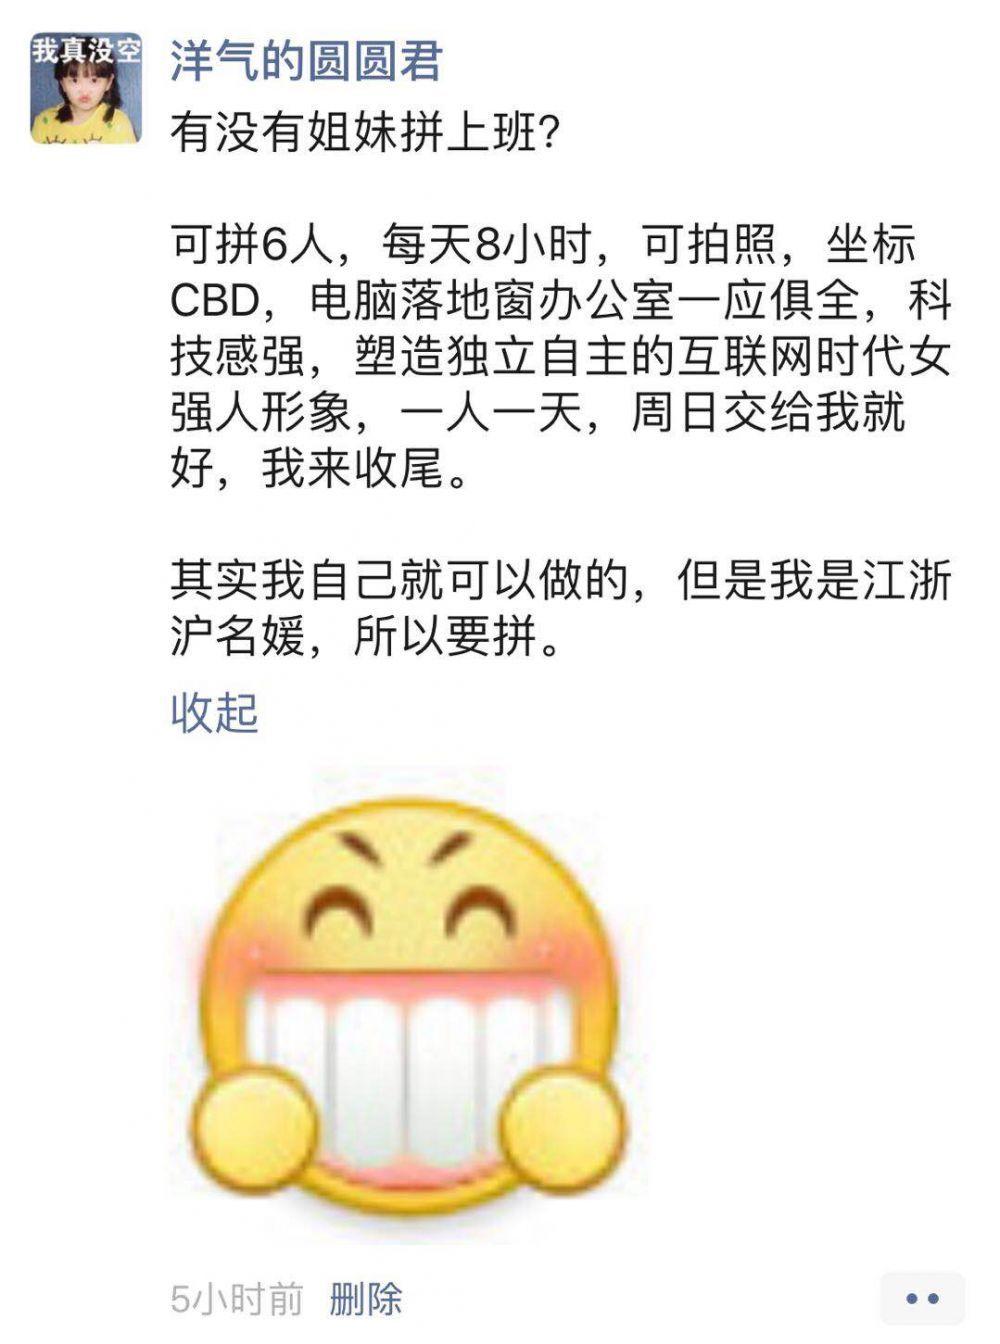 被上海名媛圈笑吐了,Gucci公关哭晕在厕所-第27张图片-周小辉博客